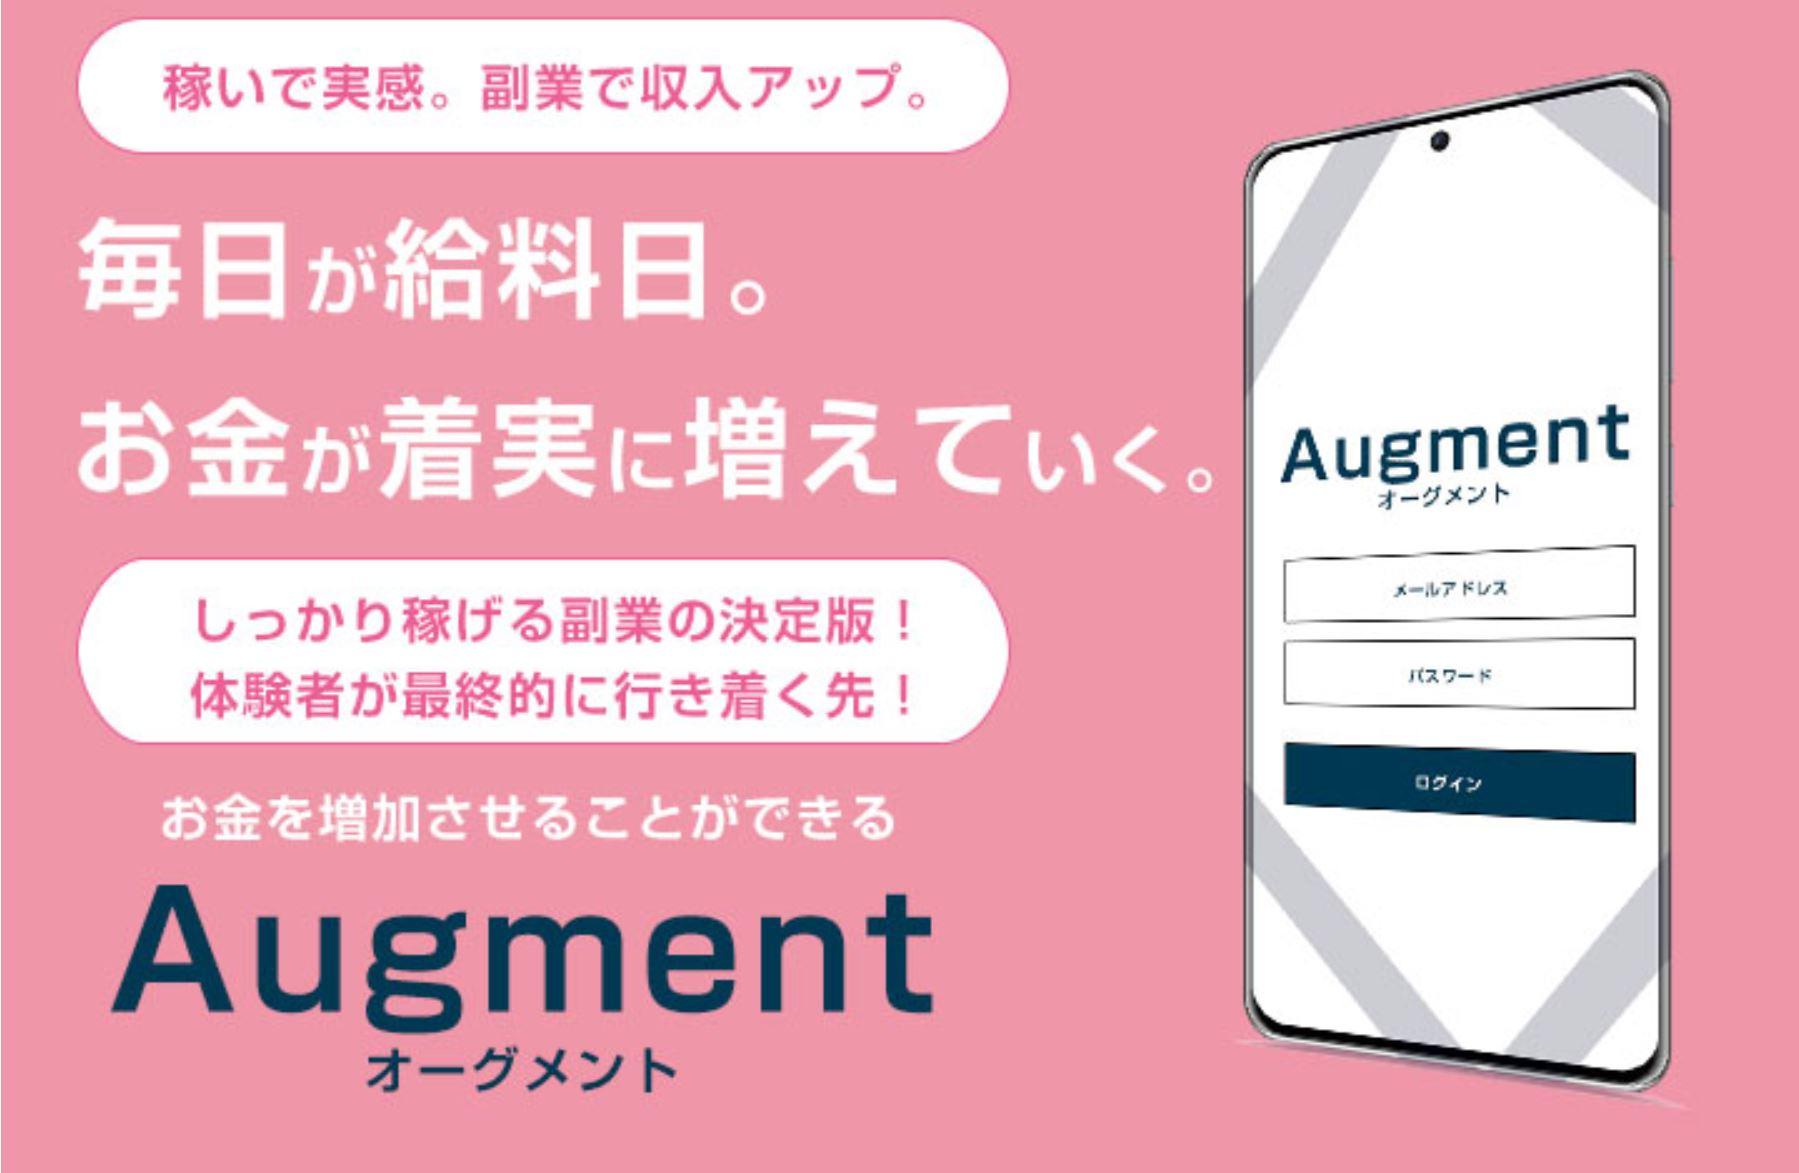 手越ゆい Augment(オーグメント)で毎月25万円本当に稼げる?副業調査